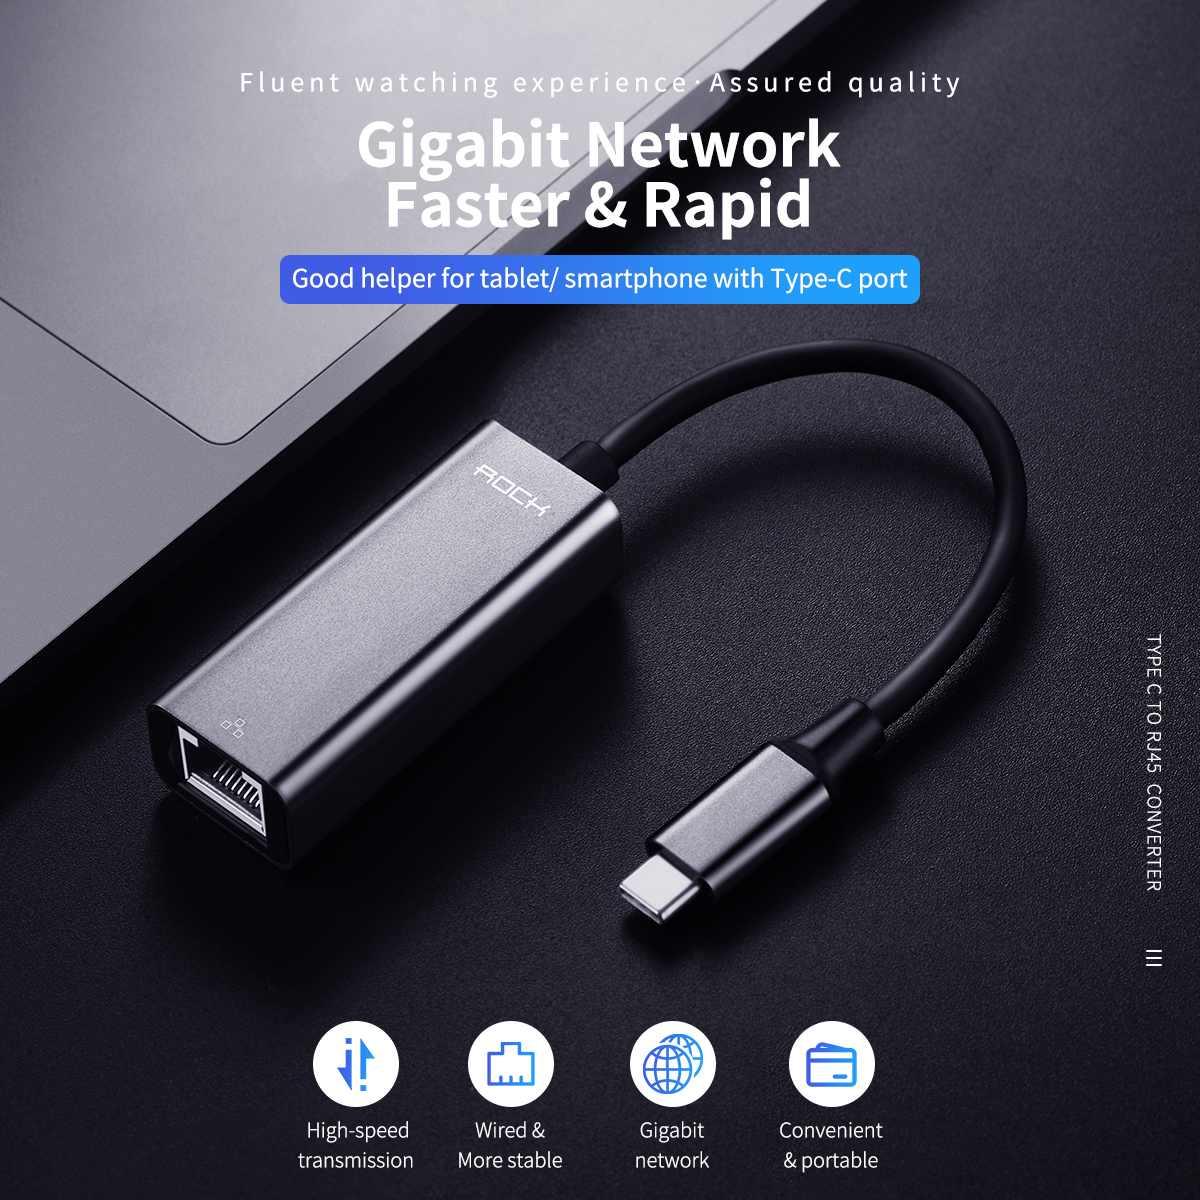 Rock Ethernet-Network-Adapter Dock Hub-Converter Macbook USB-C RJ45 To Mbps for 1000